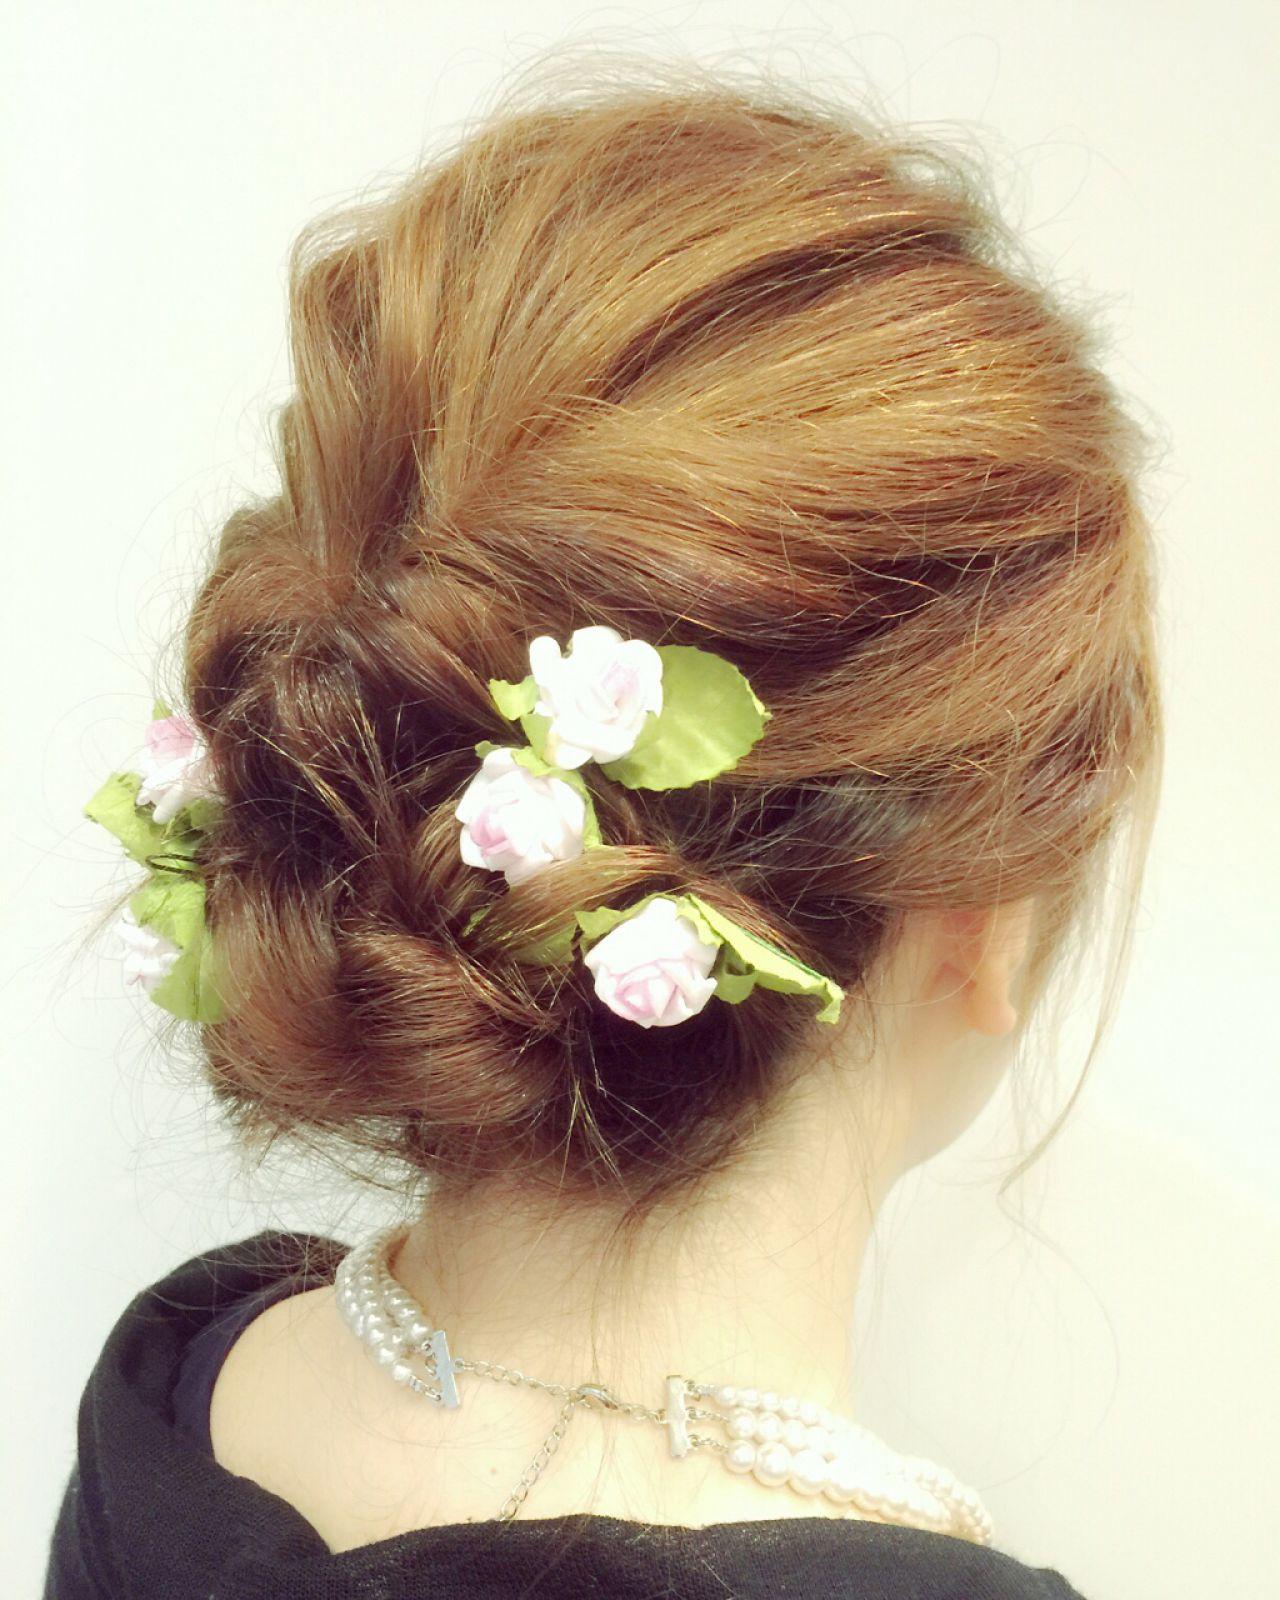 ミディアム 簡単ヘアアレンジ 結婚式 くるりんぱ ヘアスタイルや髪型の写真・画像 | 栗山 卓也 / ヘアーサロンシェール